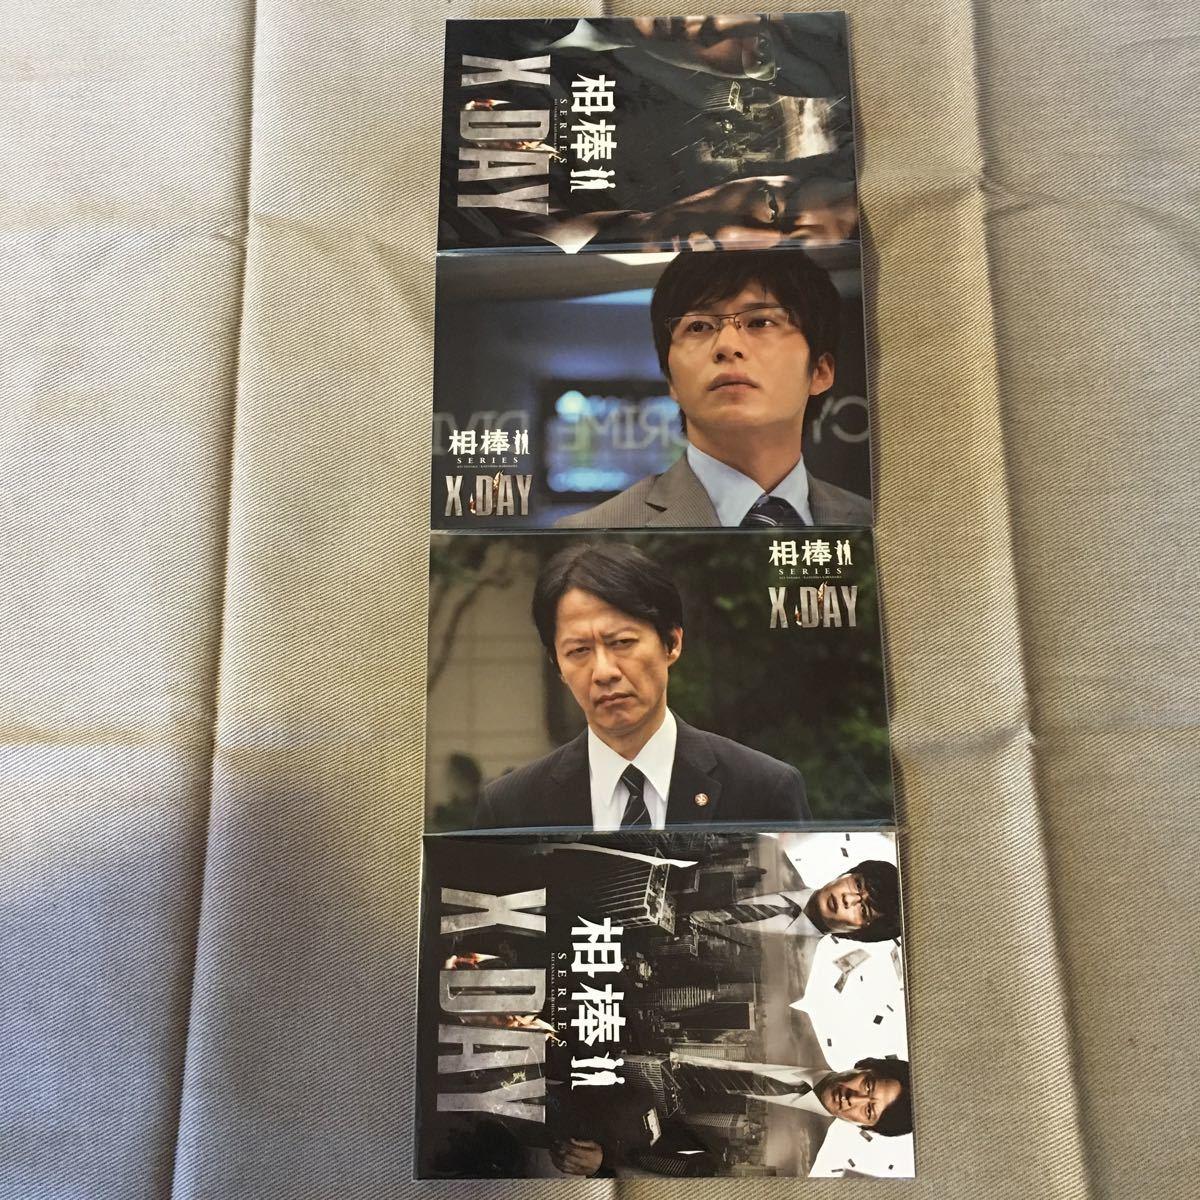 (田中圭)■相棒 X DAY■グッズセット(新品未開封)_画像6